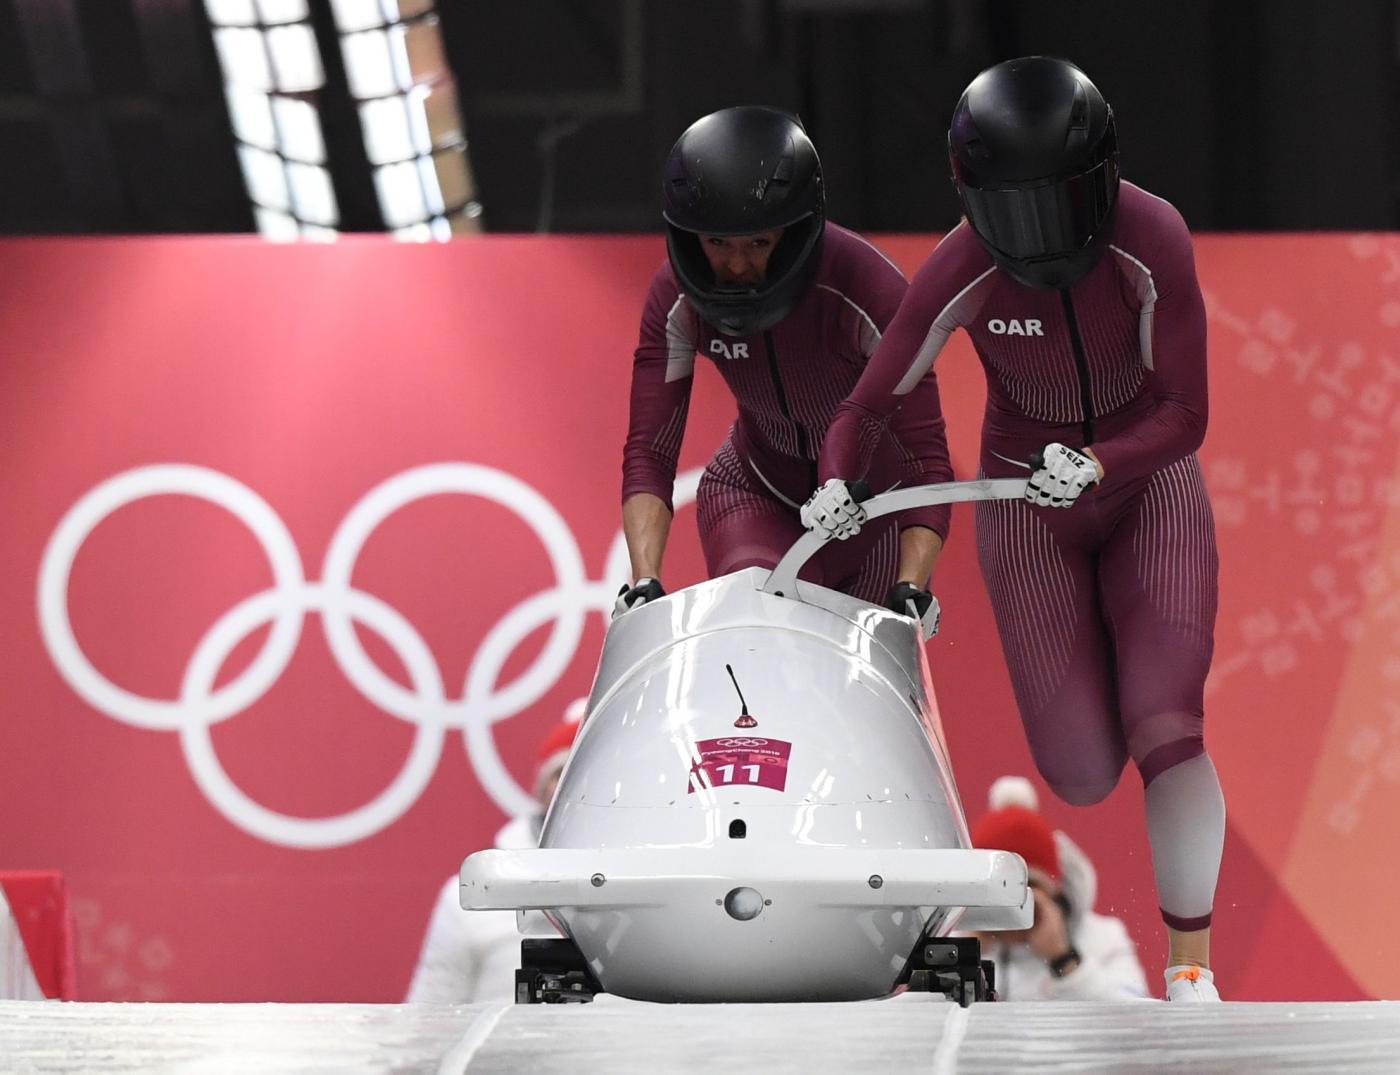 Olimpiadi Invernali - Nuovo caso di doping a PyeongChang, ancora un'atleta russa positiva ad un controllo effettuato fuori competizione. Una notizia che turba la federazione, che potrebbe perdere la possibilità di sfilare con la propria bandiera alla cerimona di chiusura - AFP/LaPresse